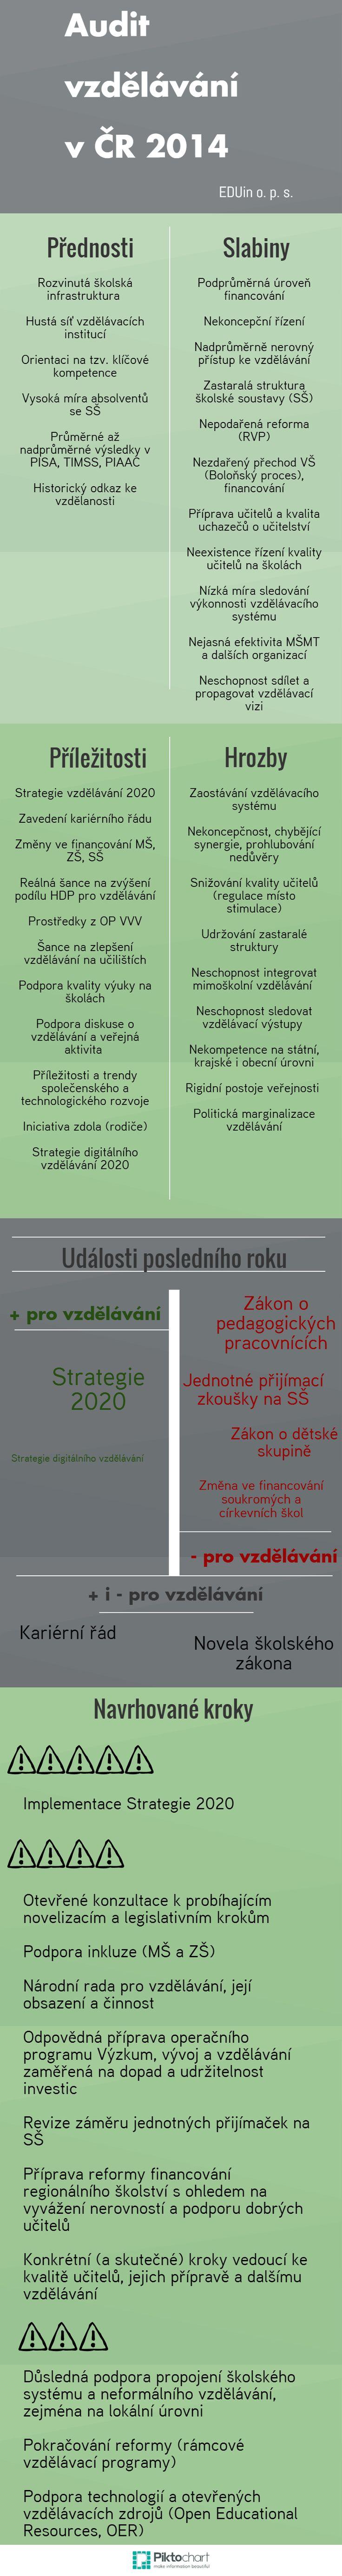 Česká škola: Infografika: Audit vzdělávacího systému vČR: rizika apříležitosti (2014)